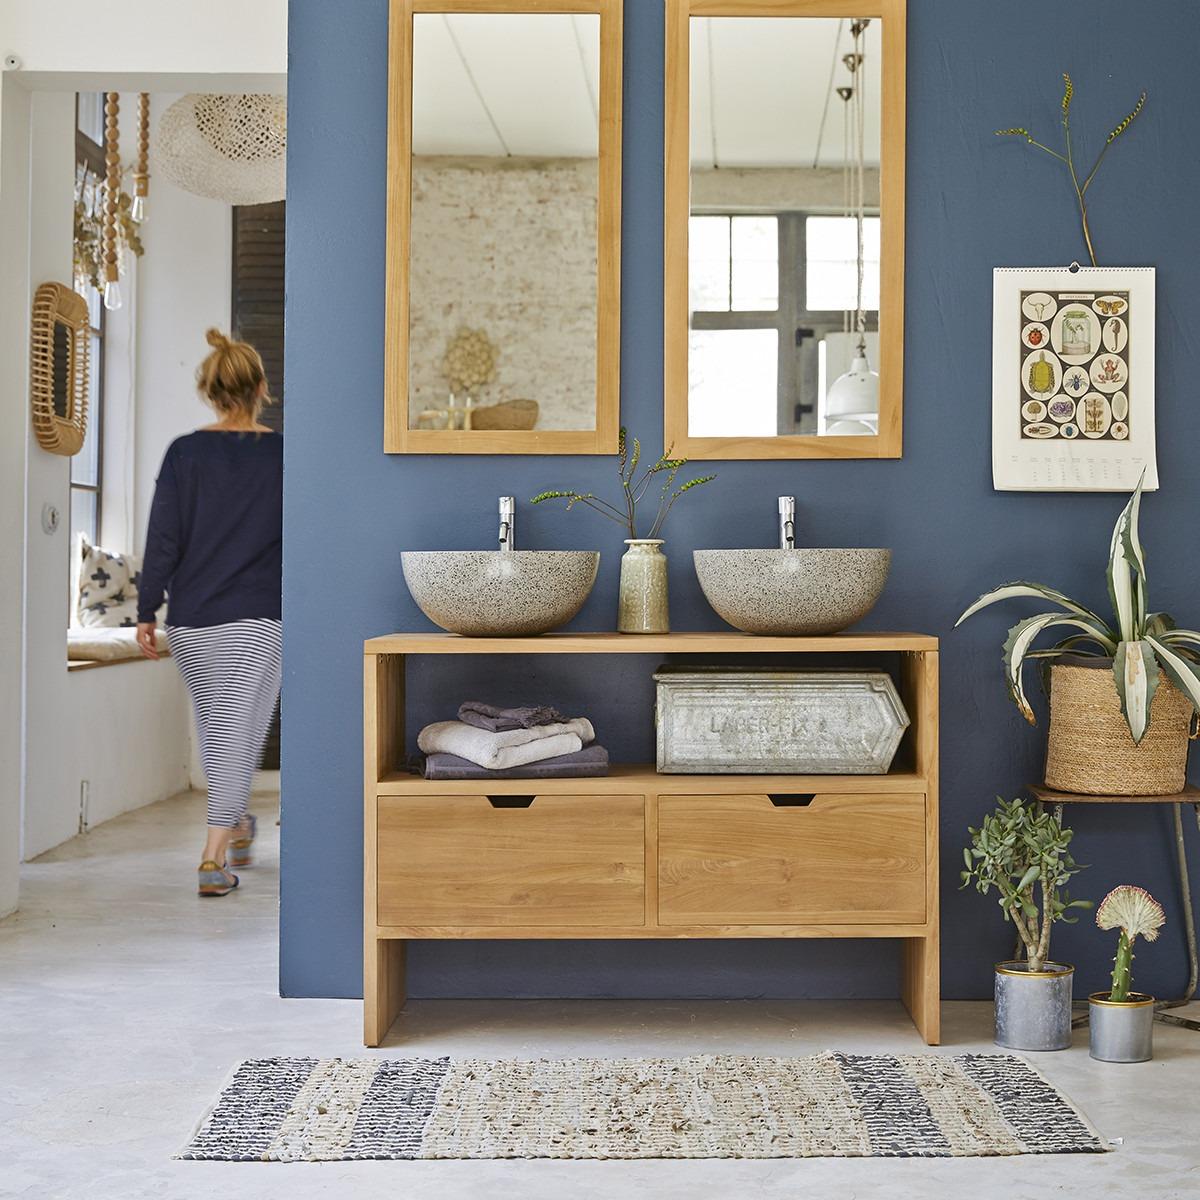 KWARTO teakfa fürdőszoba szekrény, fiókos 110